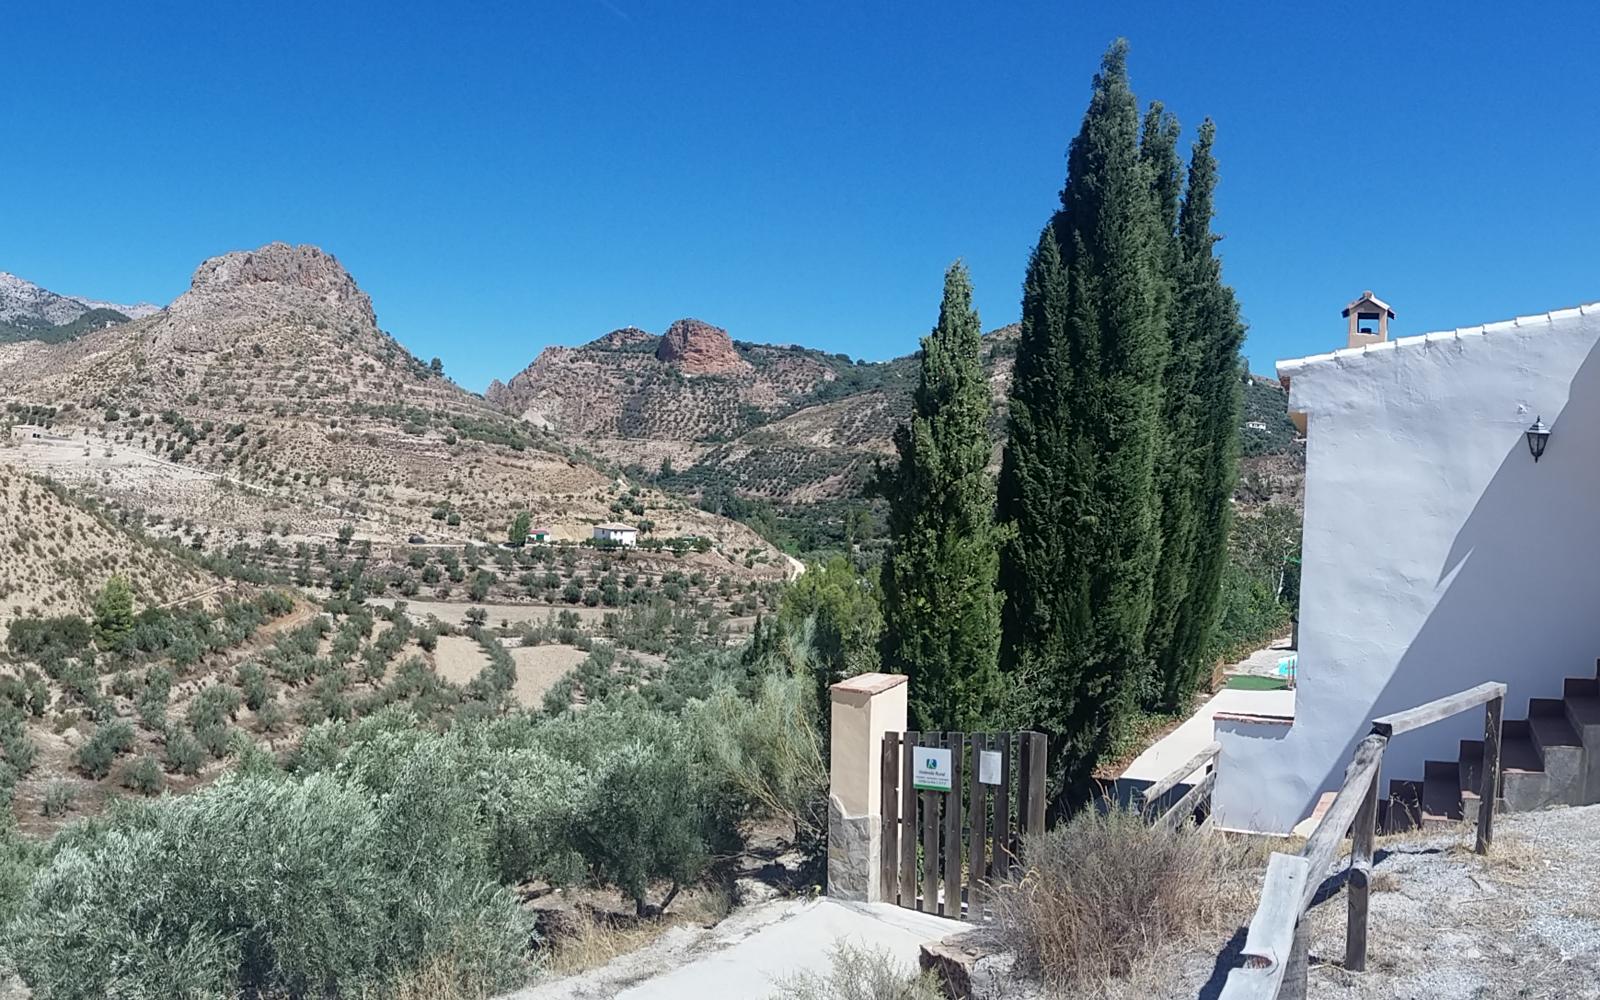 Casas rurales castril alojamiento rural en castril granada andaluc a - Casas rurales baratas en castril ...